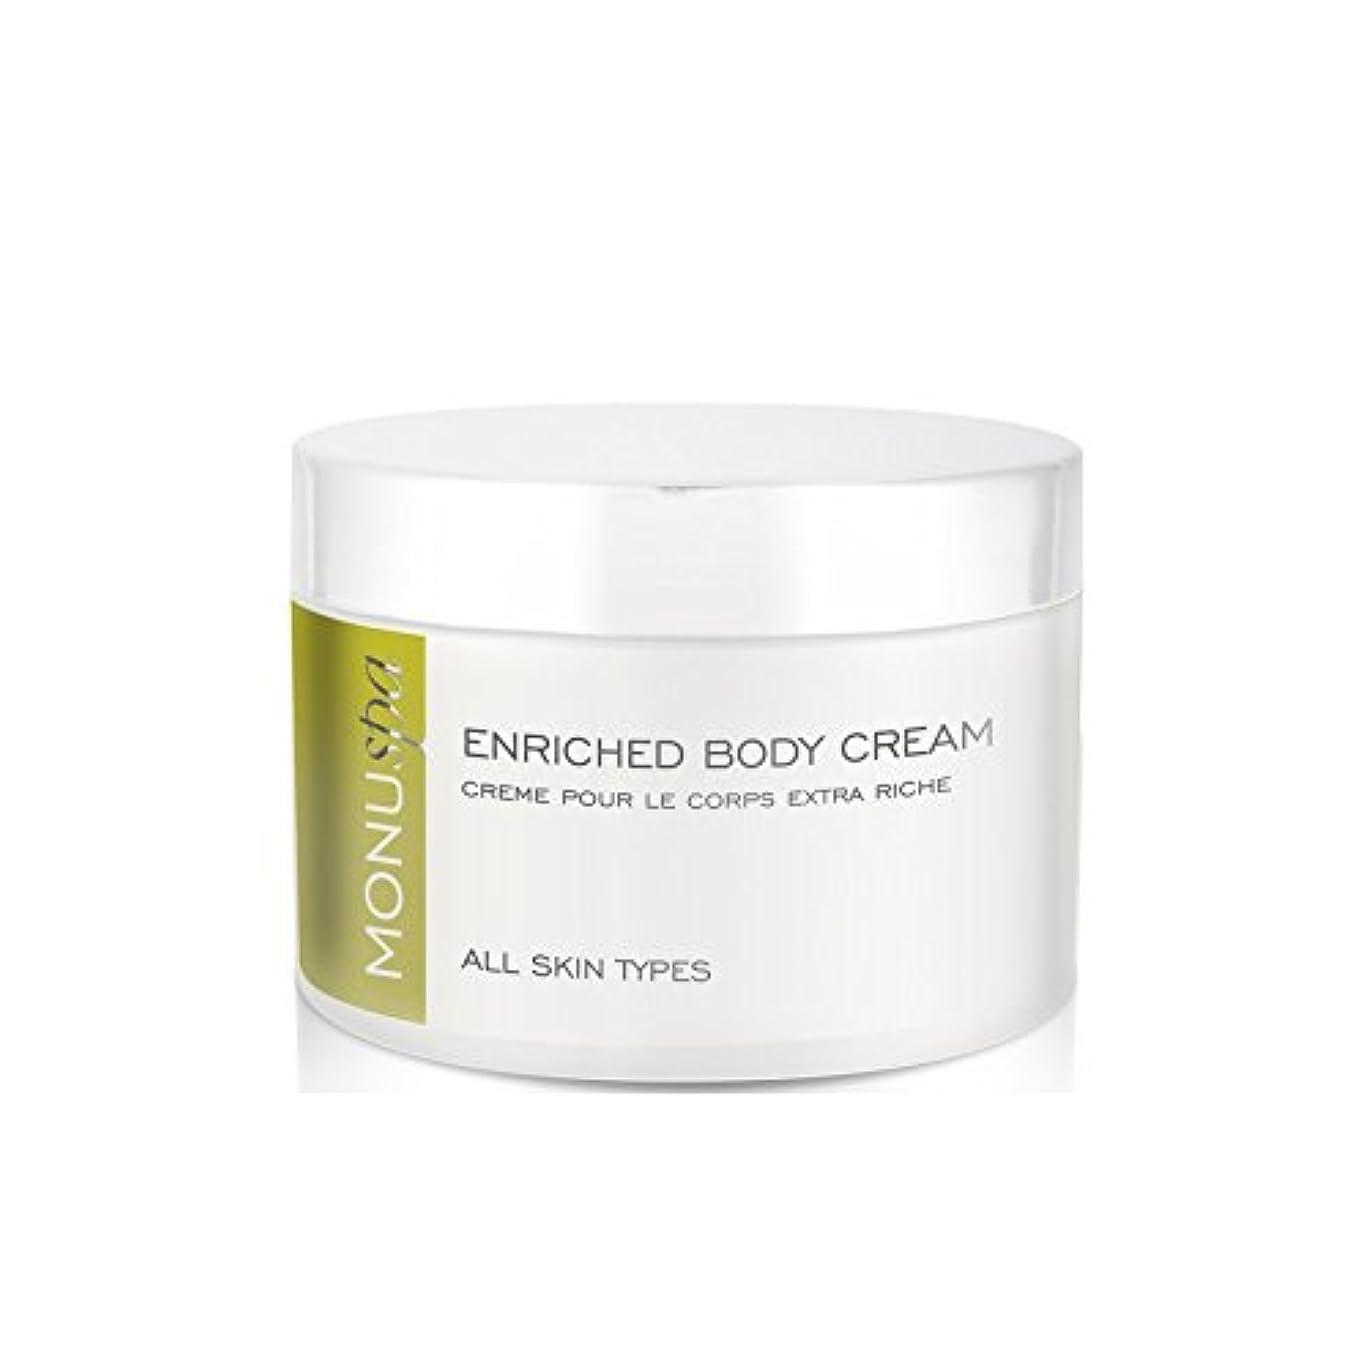 グラフ不完全なはちみつMONUspa Enriched Body Cream 200ml (Pack of 6) - 濃縮ボディクリーム200ミリリットル x6 [並行輸入品]